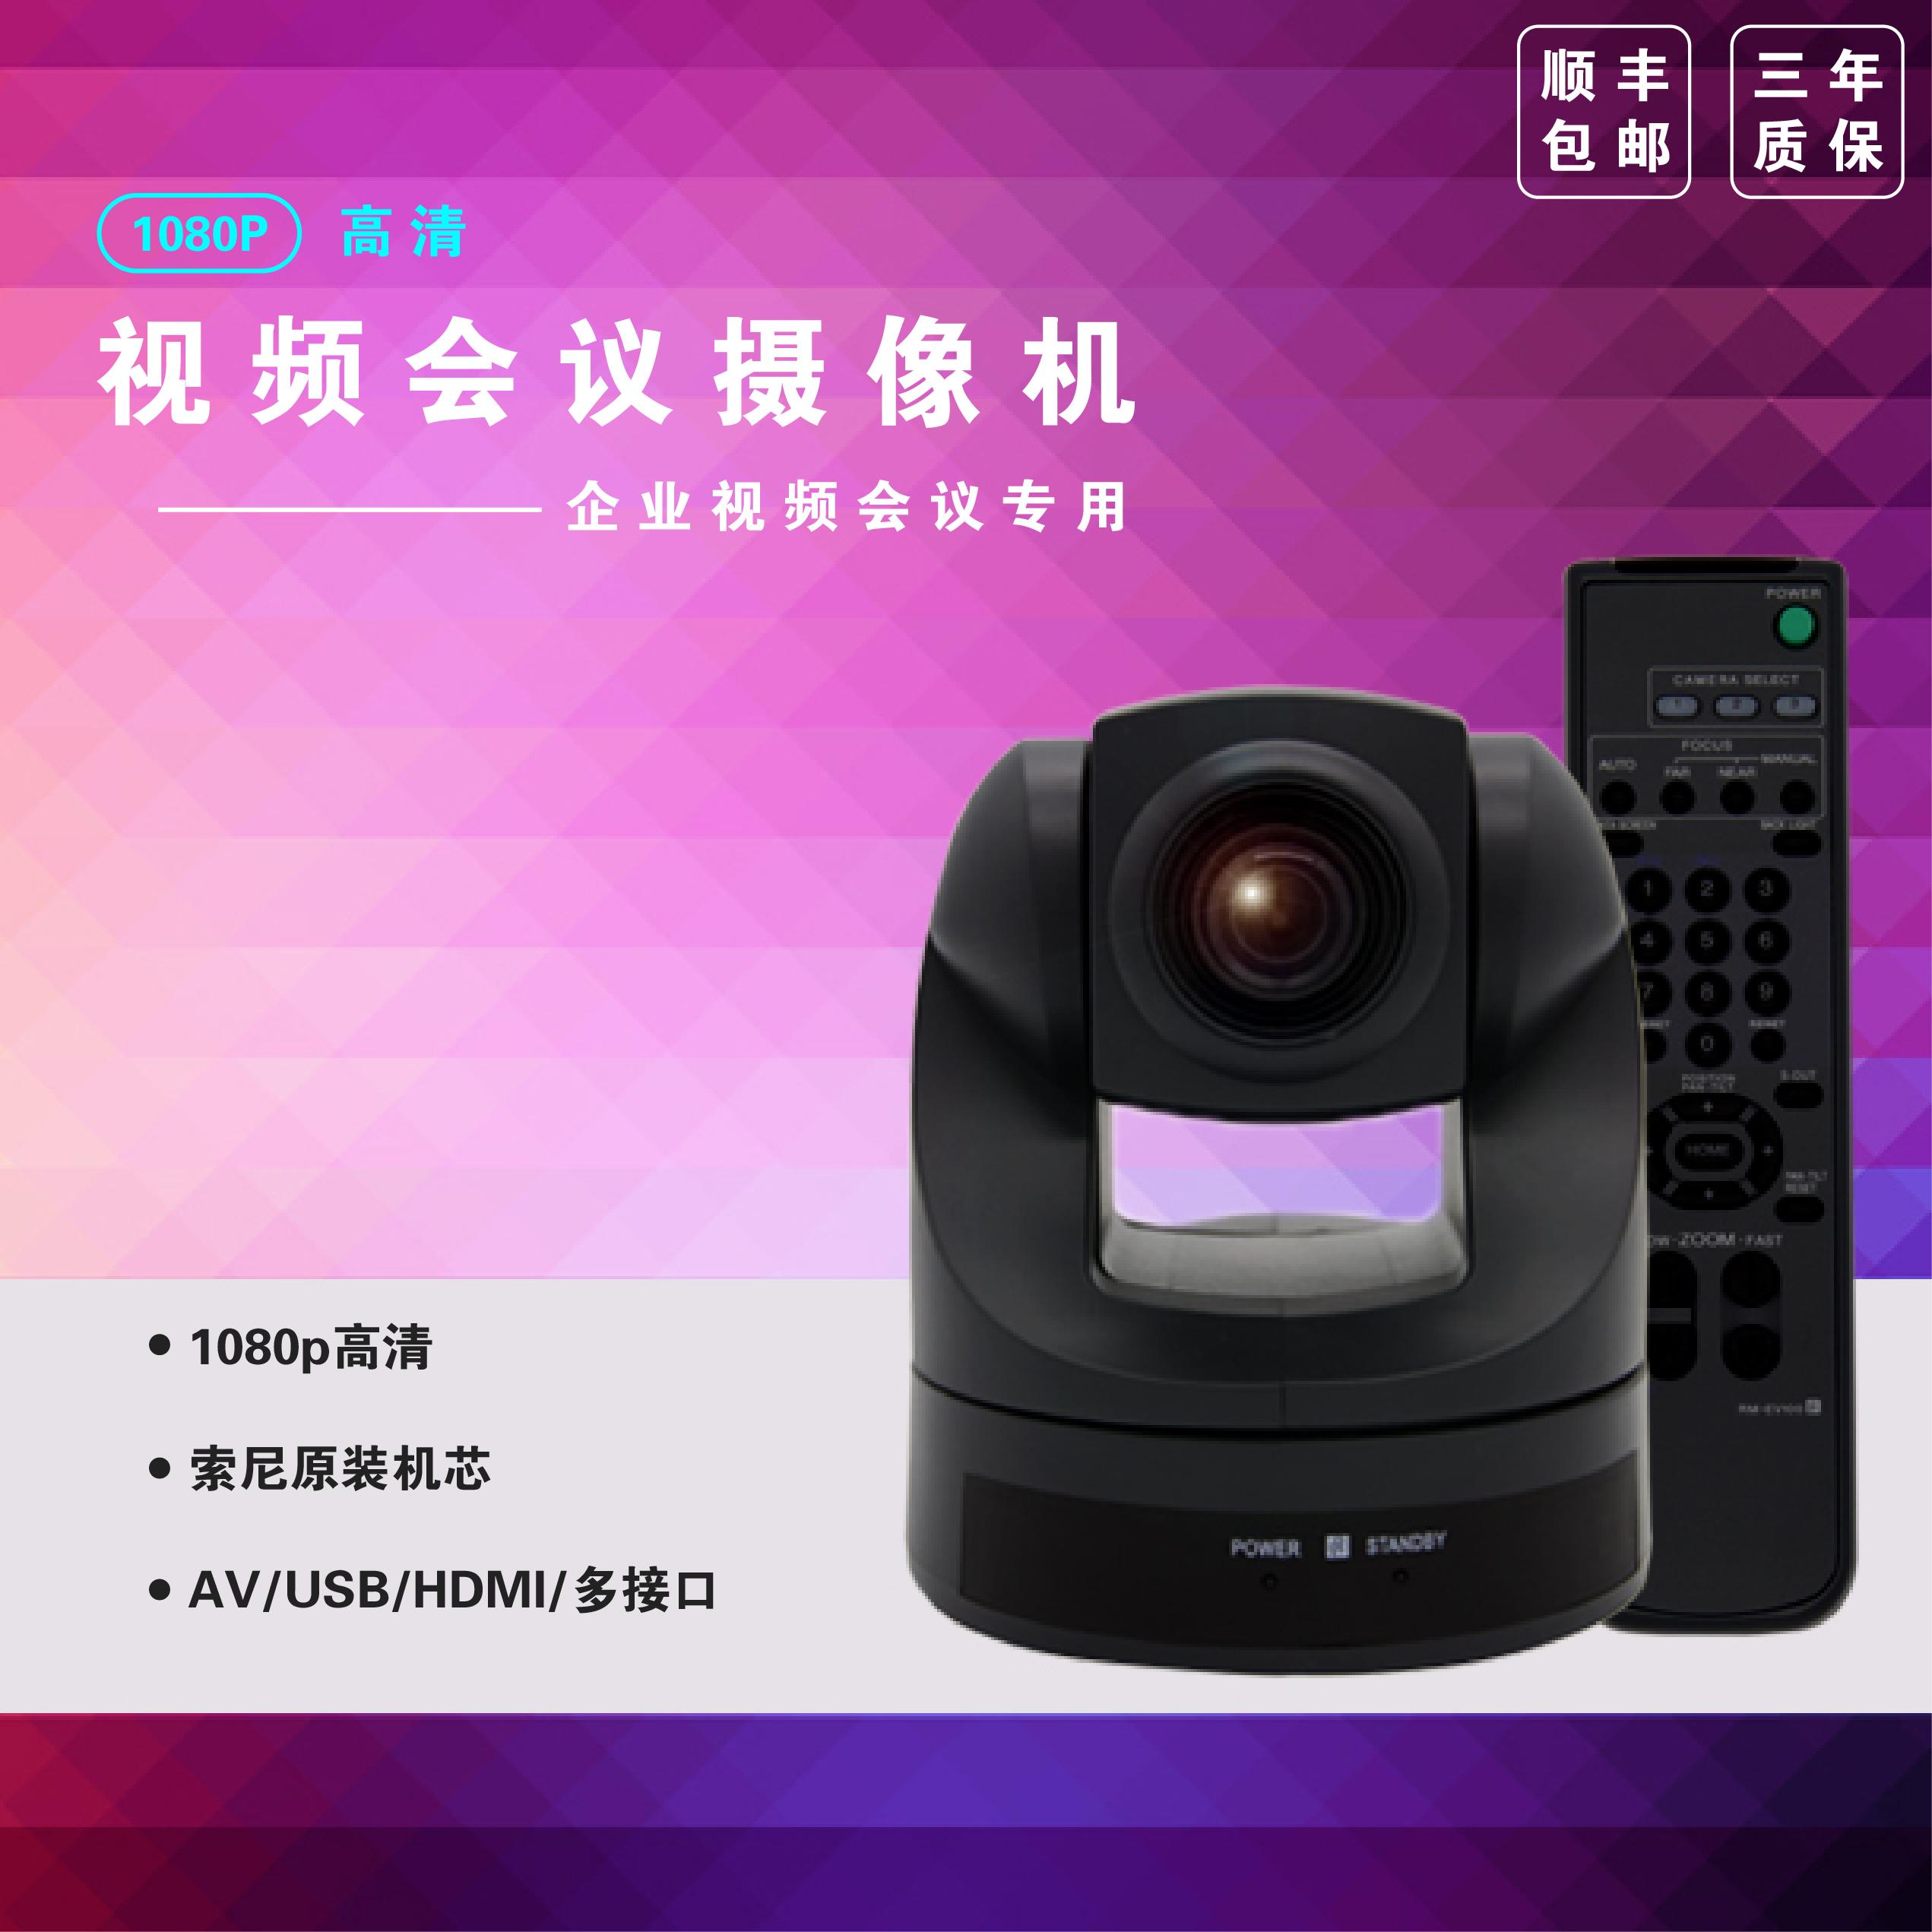 Sony движение камера машинально EVI-D70P hd видео конференция камеры USB/HDMI/AV18 время увеличить